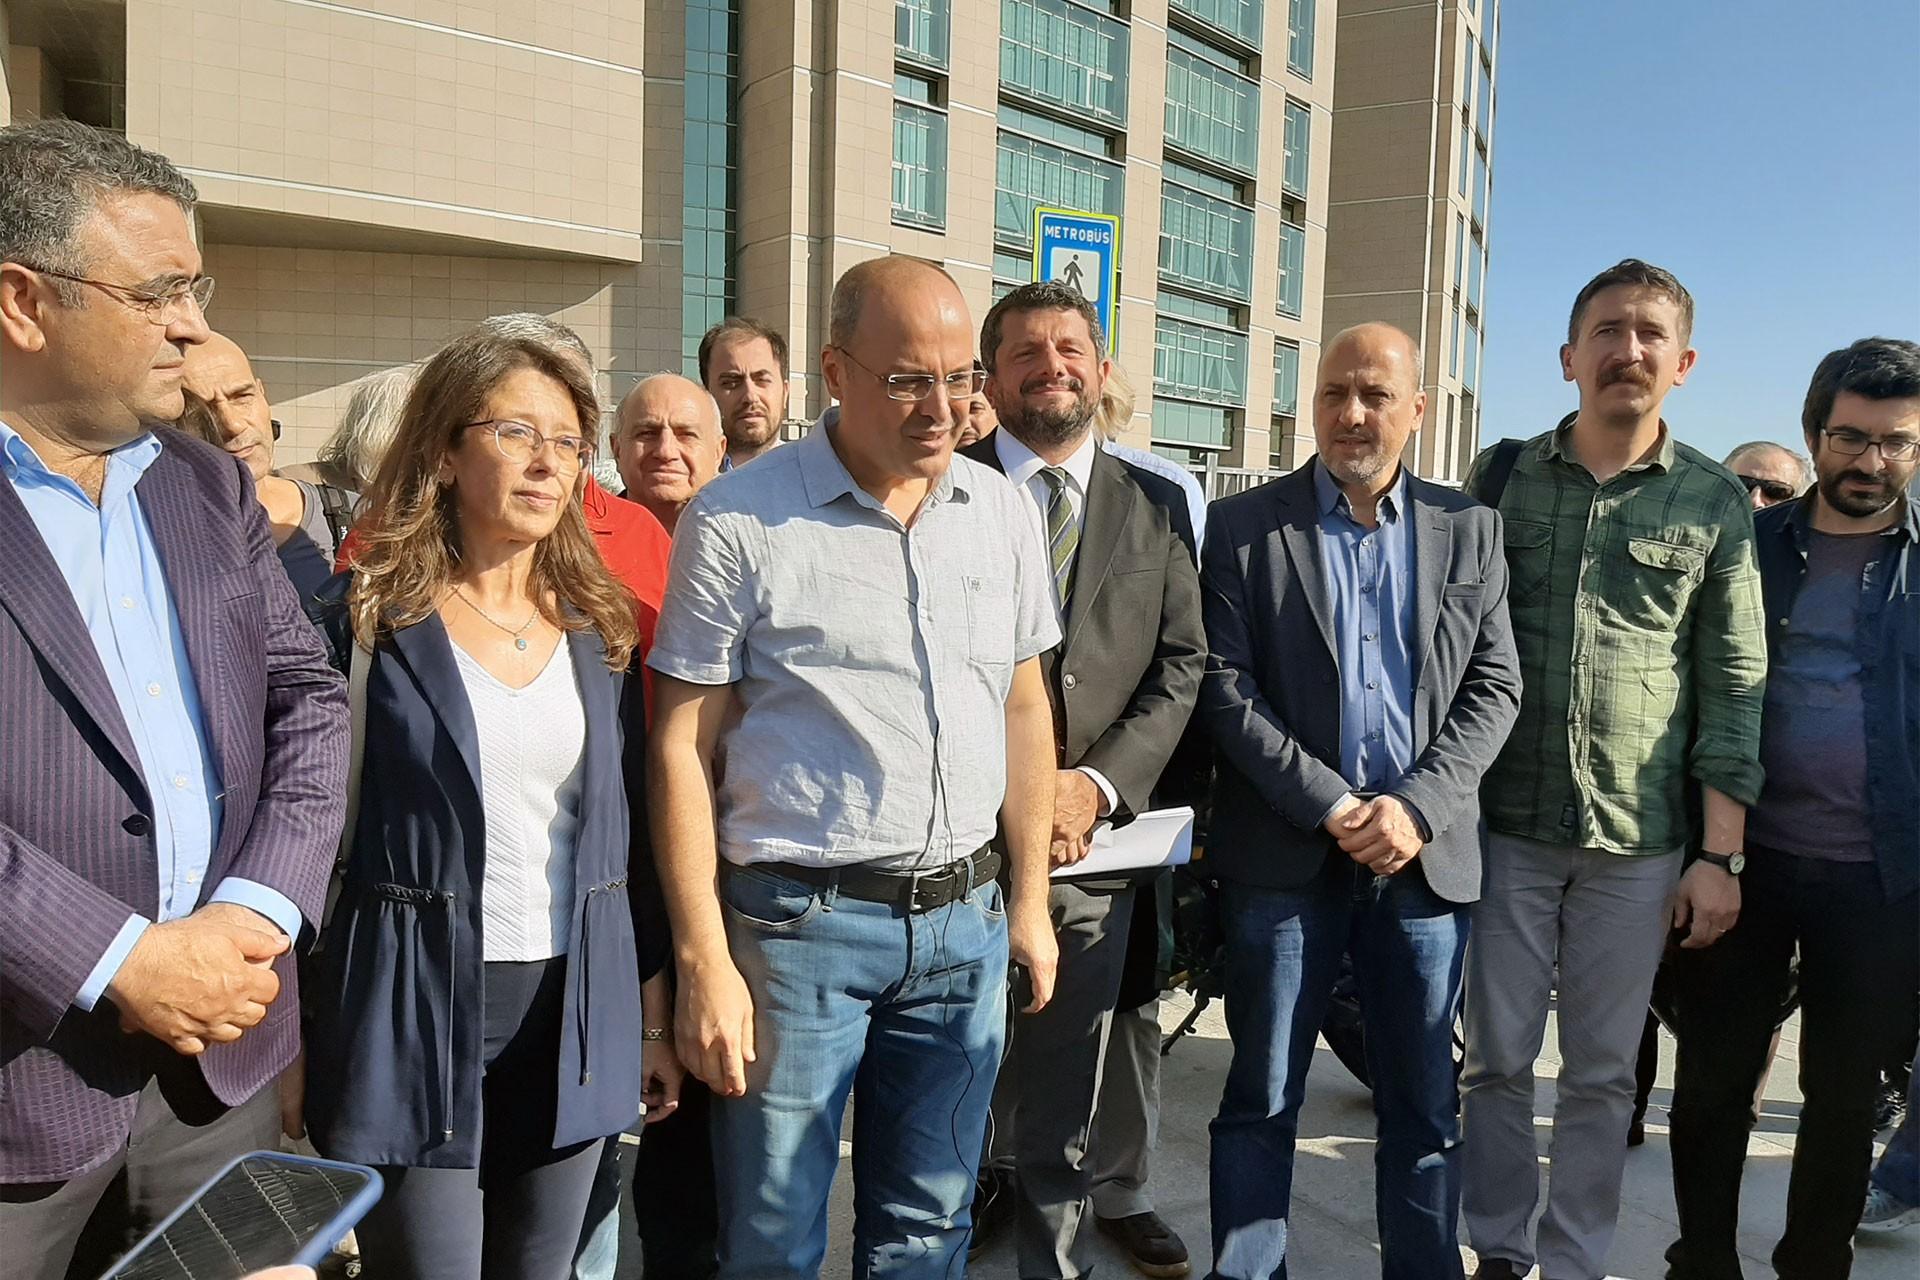 EGEÇEP: Yargılanması gerekenler raporu halkından gizleyen kurumlardır